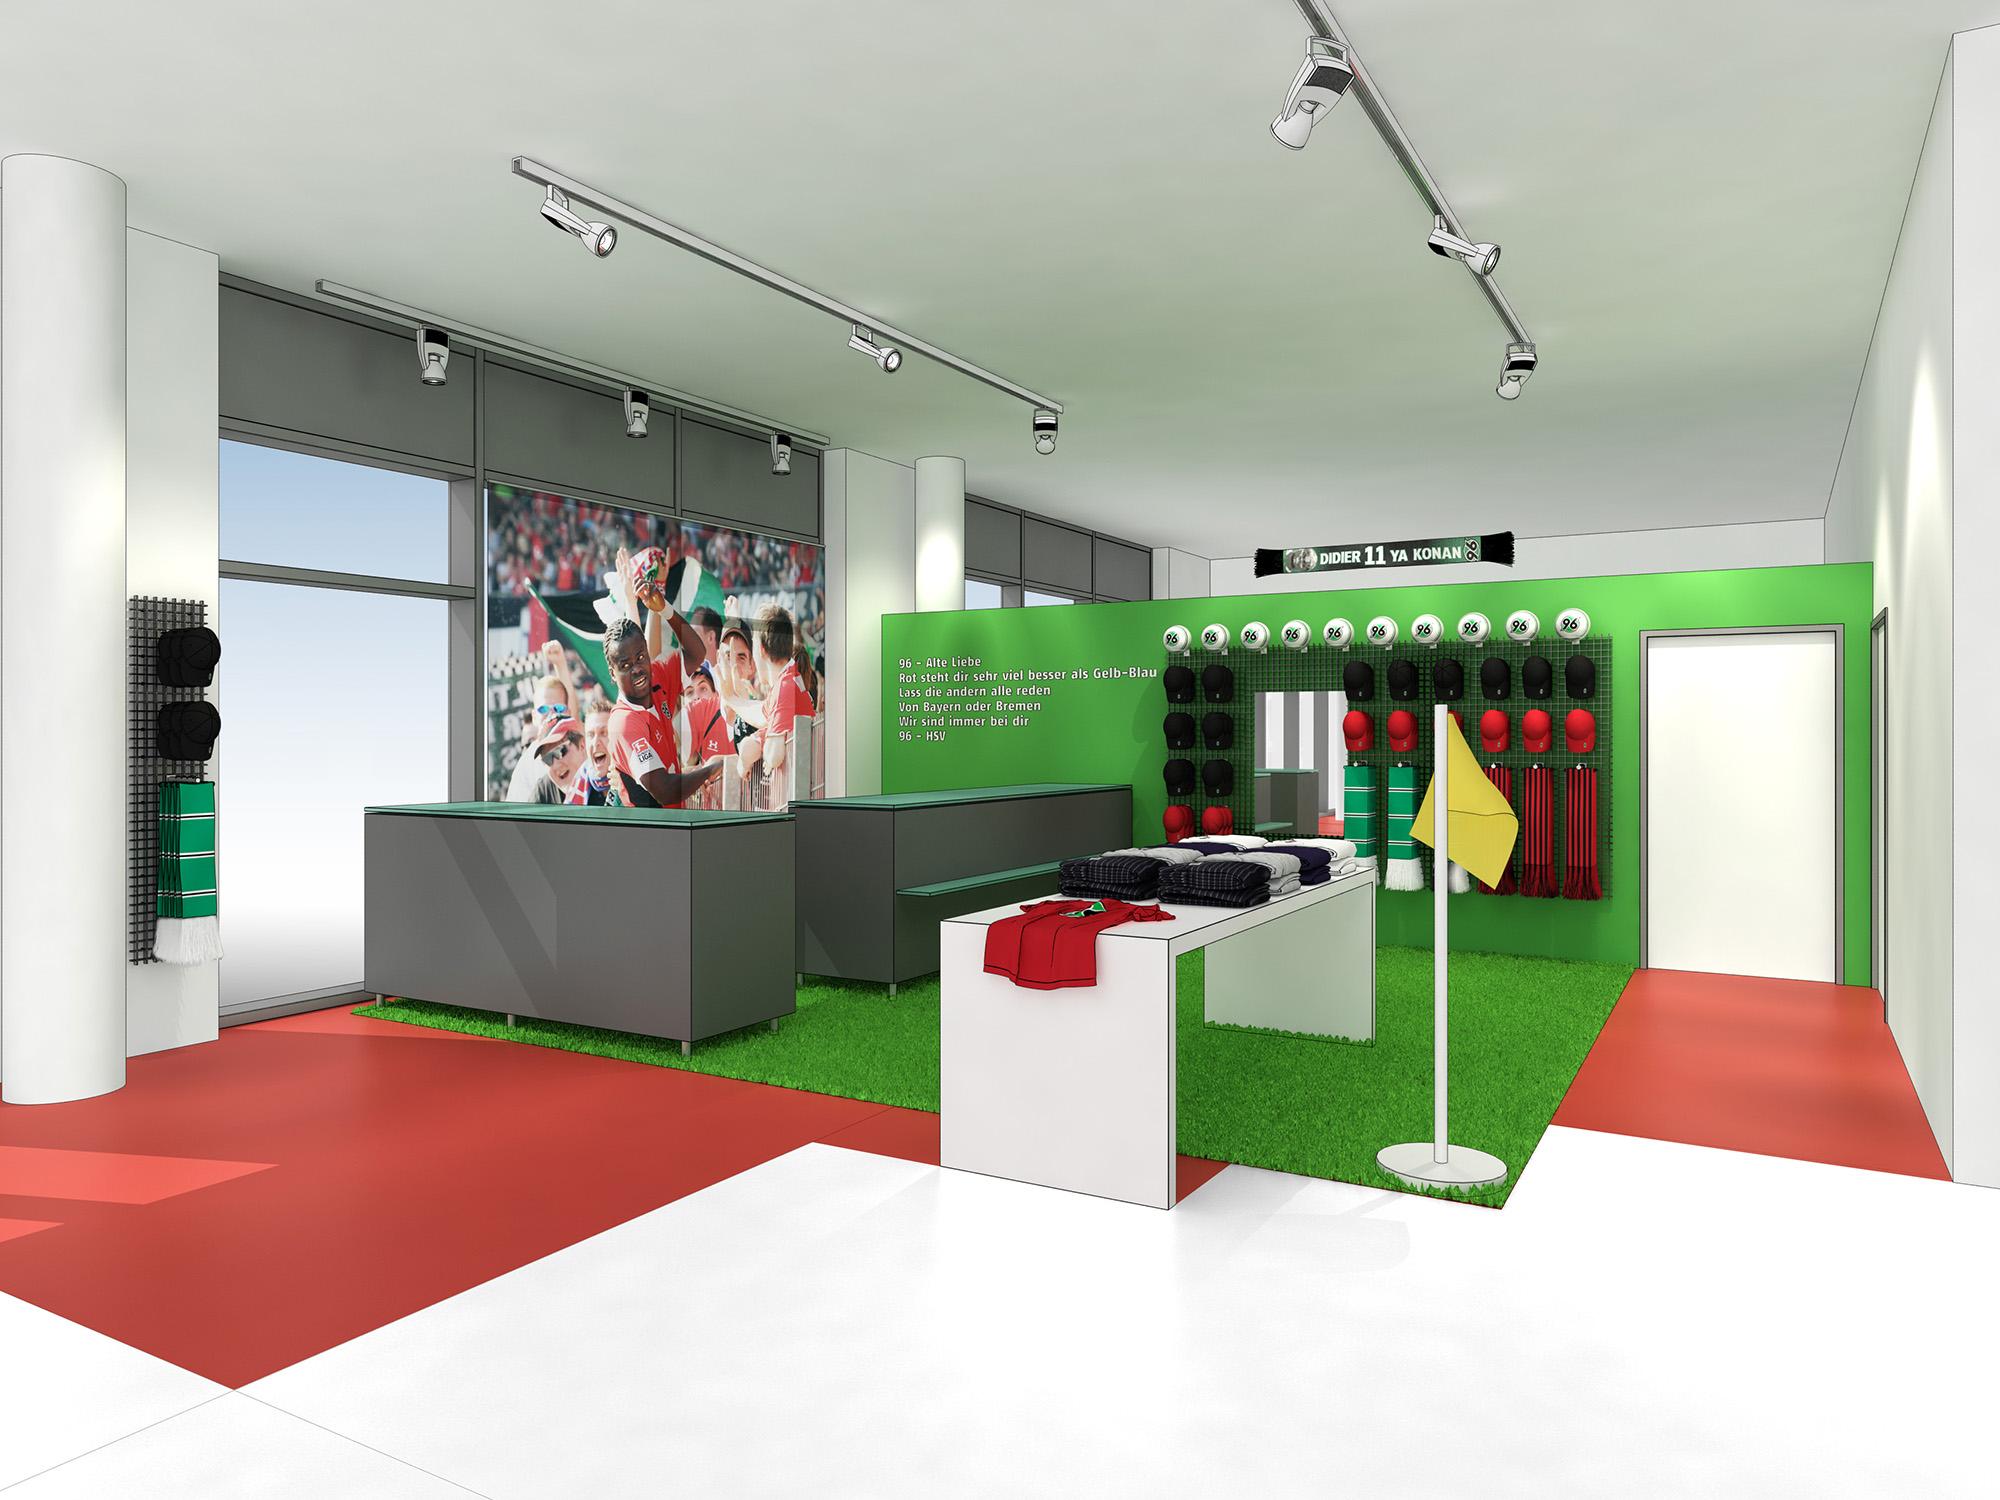 k s hannover 96 shops homebase2. Black Bedroom Furniture Sets. Home Design Ideas